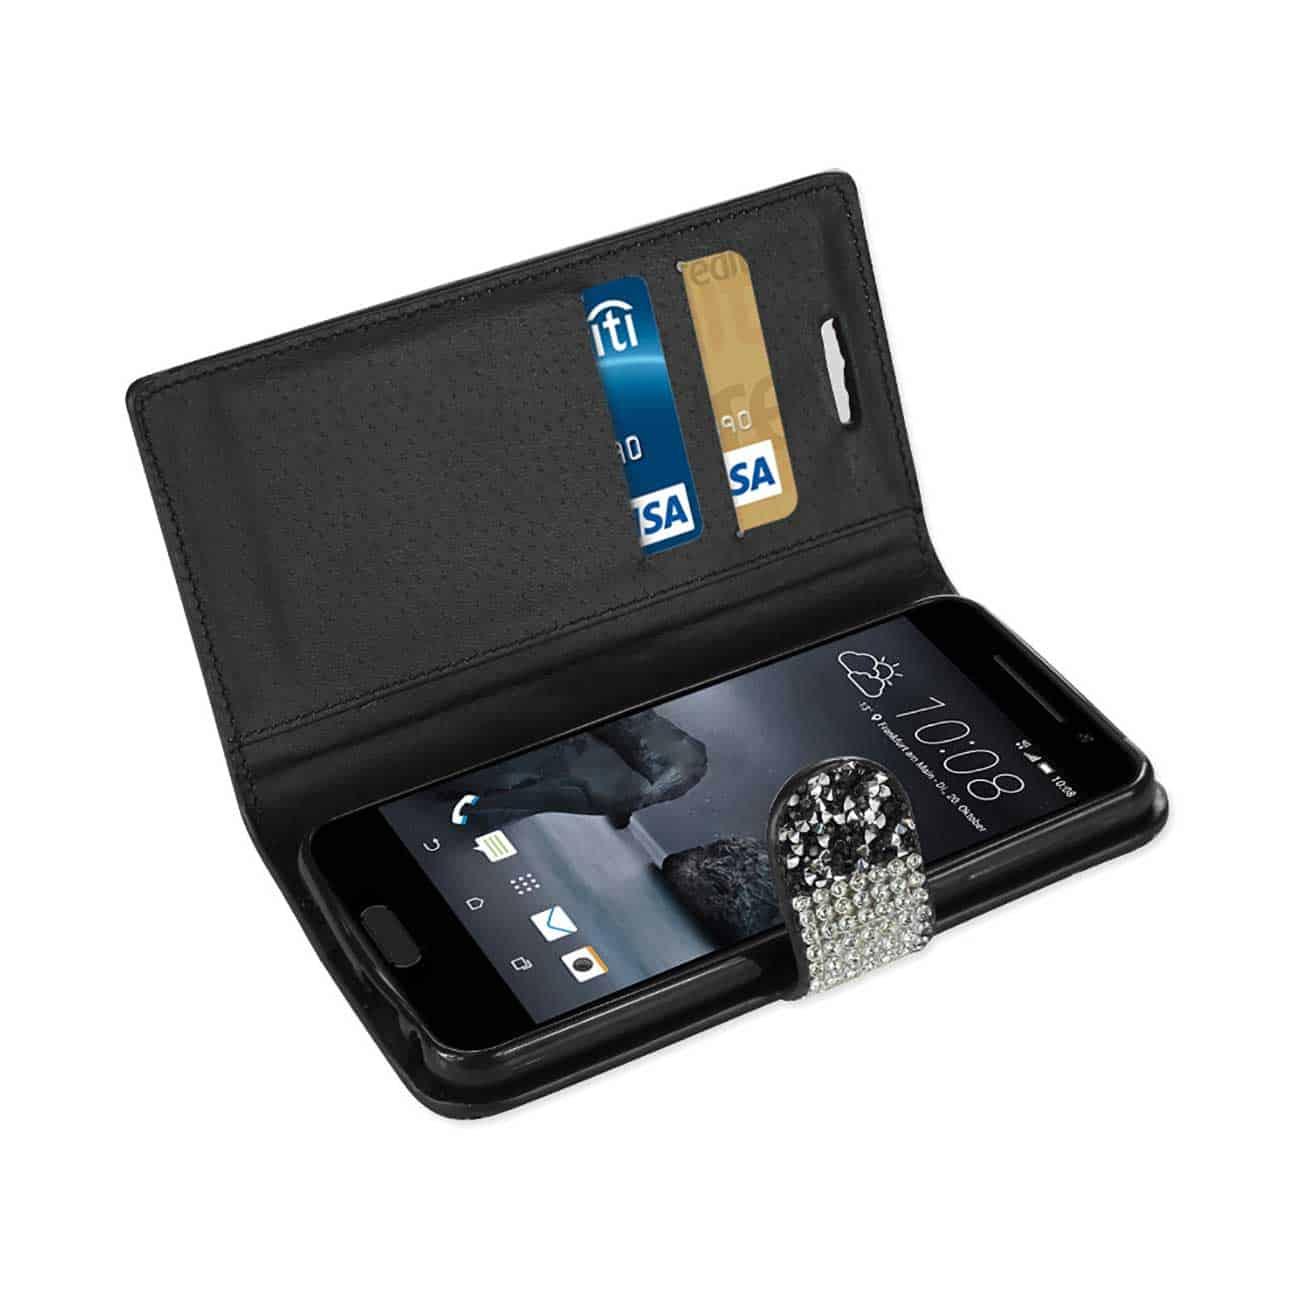 HTC ONE A9 JEWELRY RHINESTONE WALLET CASE IN BLACK